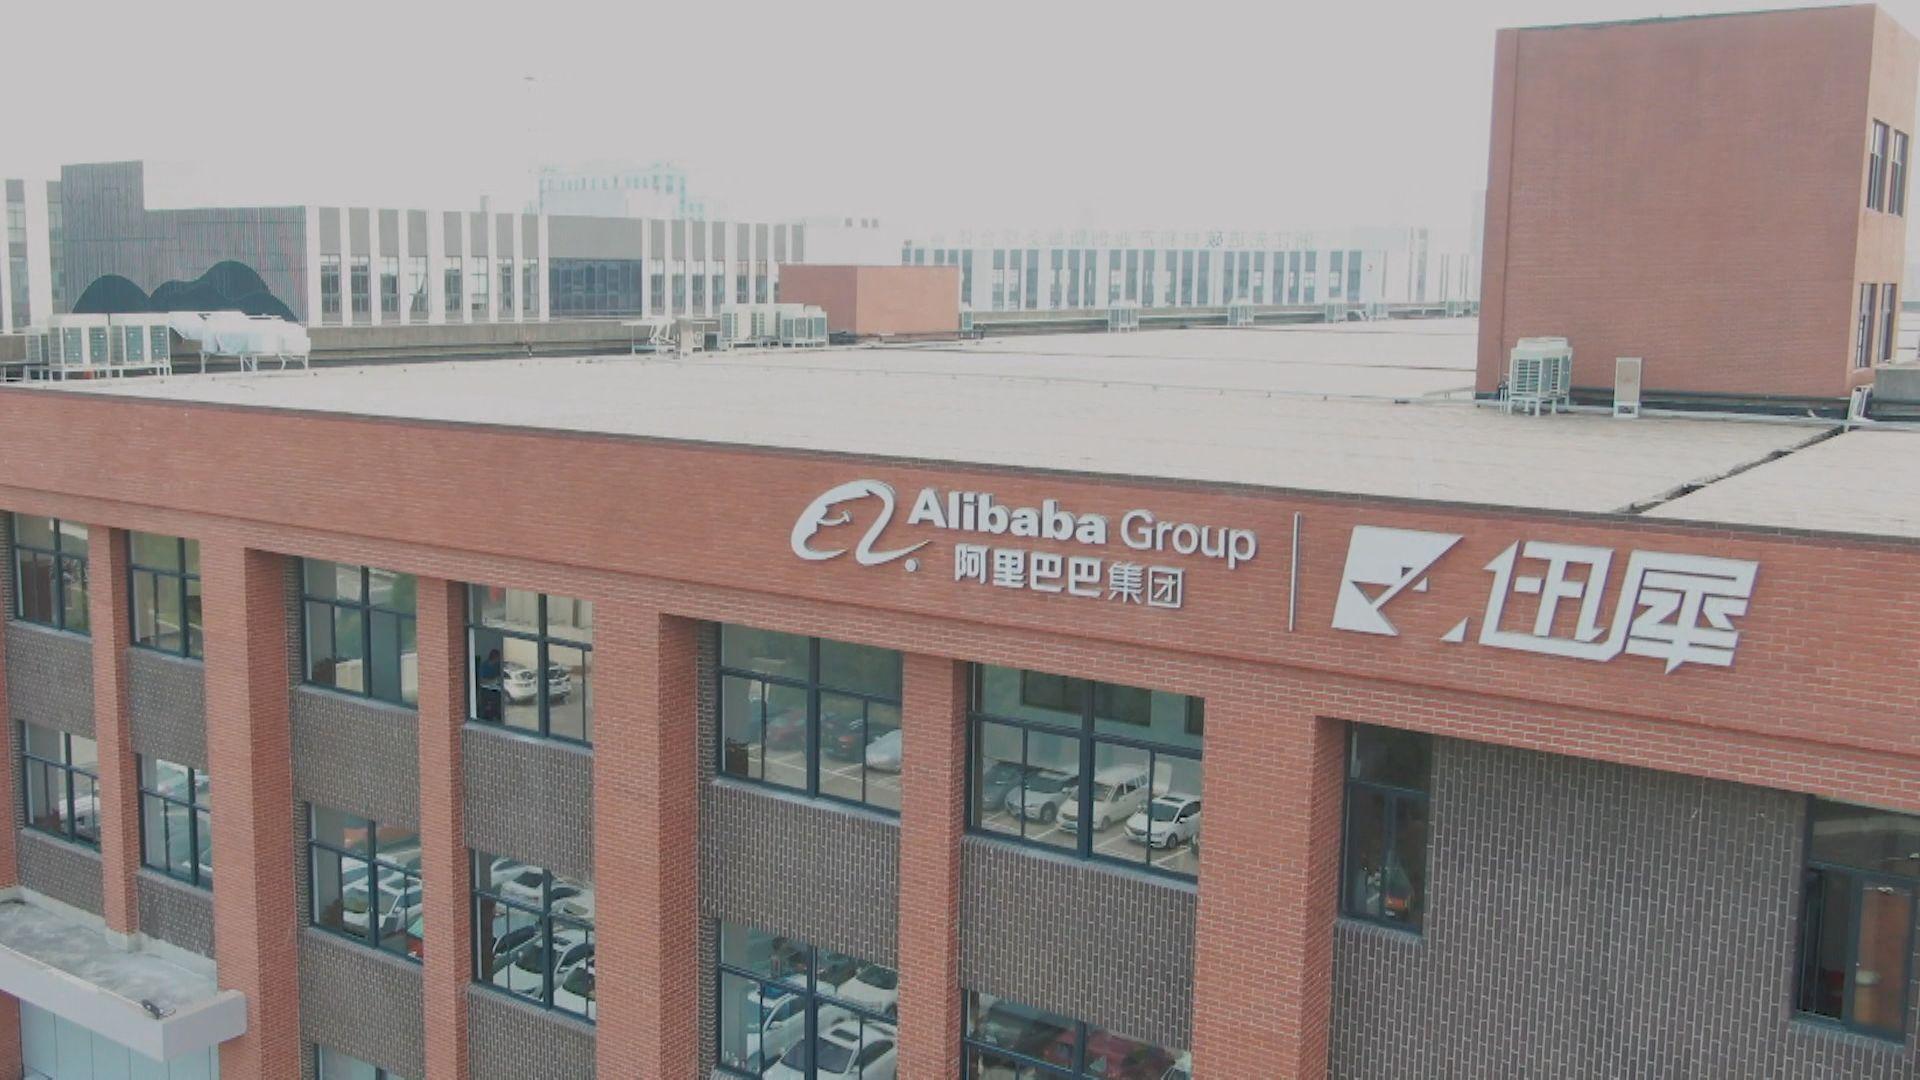 阿里巴巴推新智能工廠平台「犀牛智造」